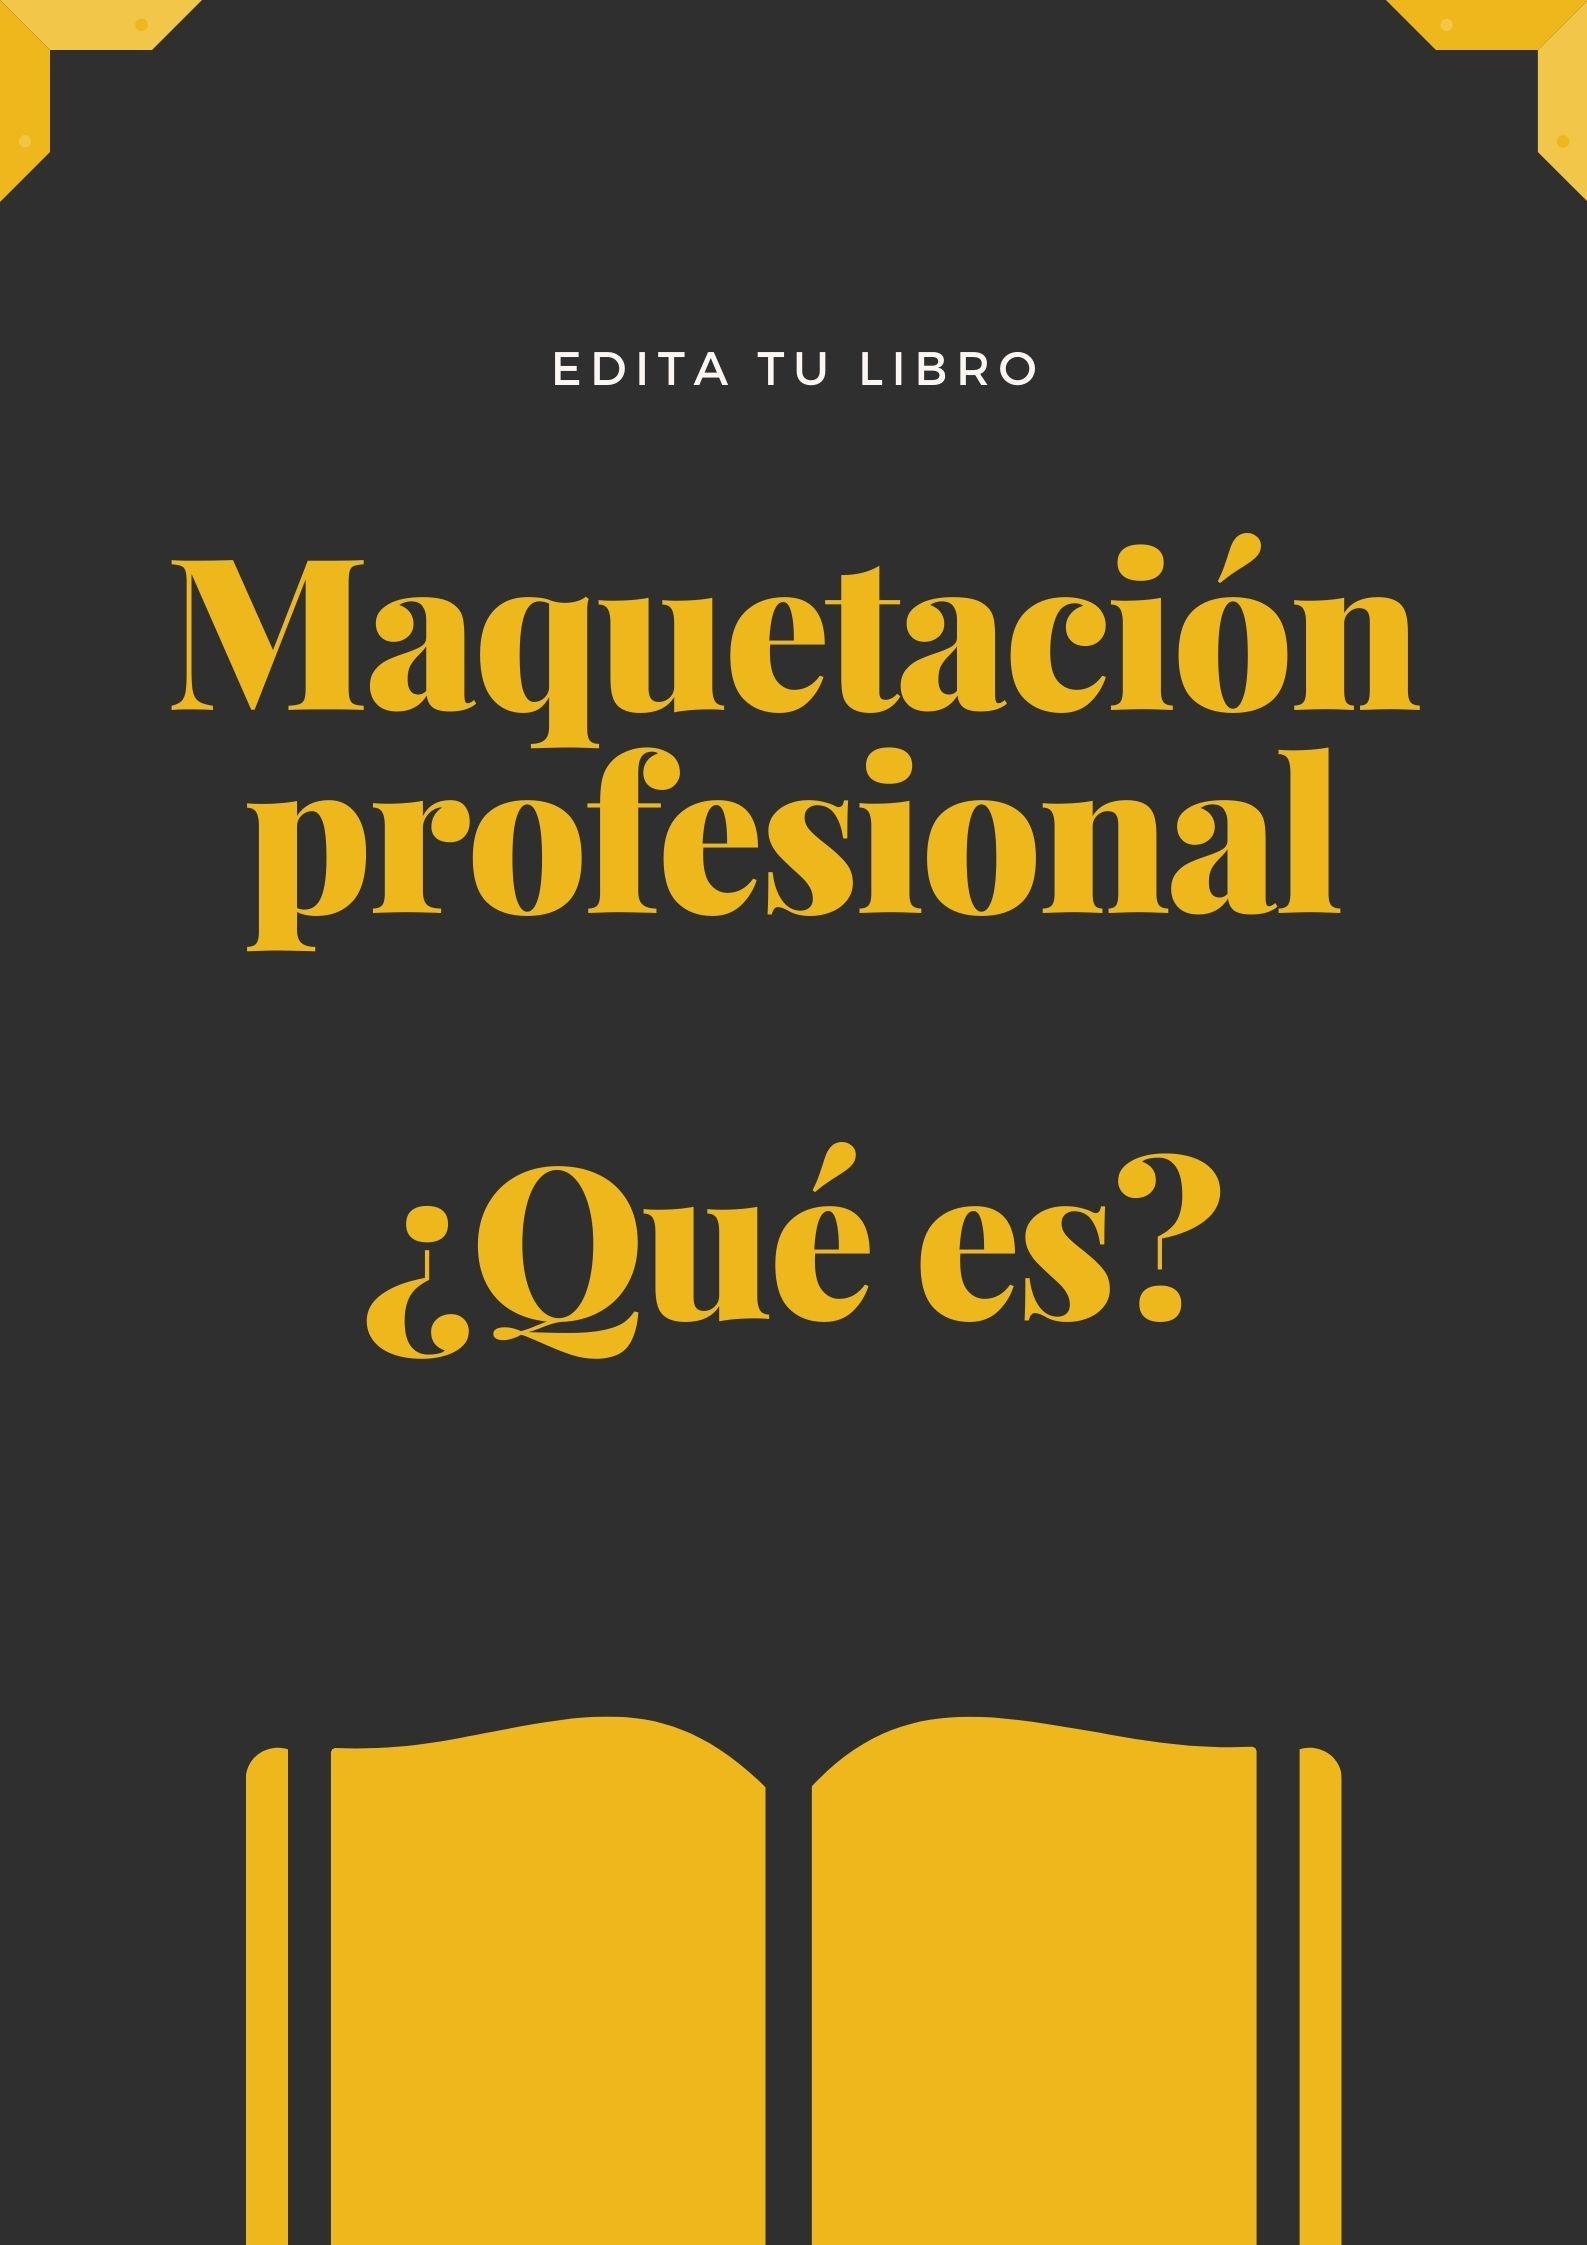 Edita tu libro: ¿Qué es una maquetación profesional?